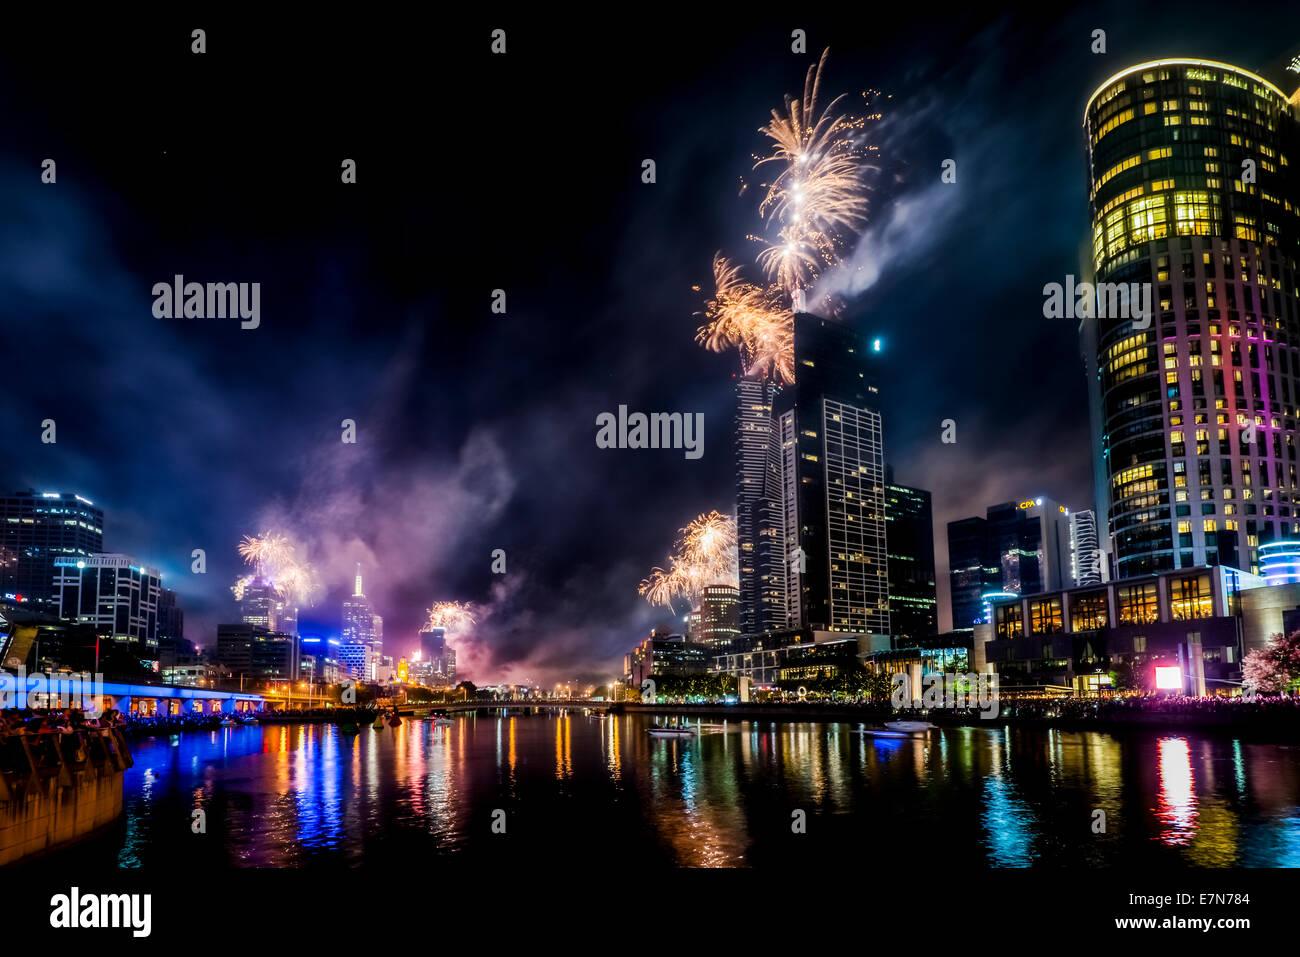 D'artifice spectaculaires le long de la rivière Yarra illuminent le ciel plus de Melbourne en Australie. Photo Stock